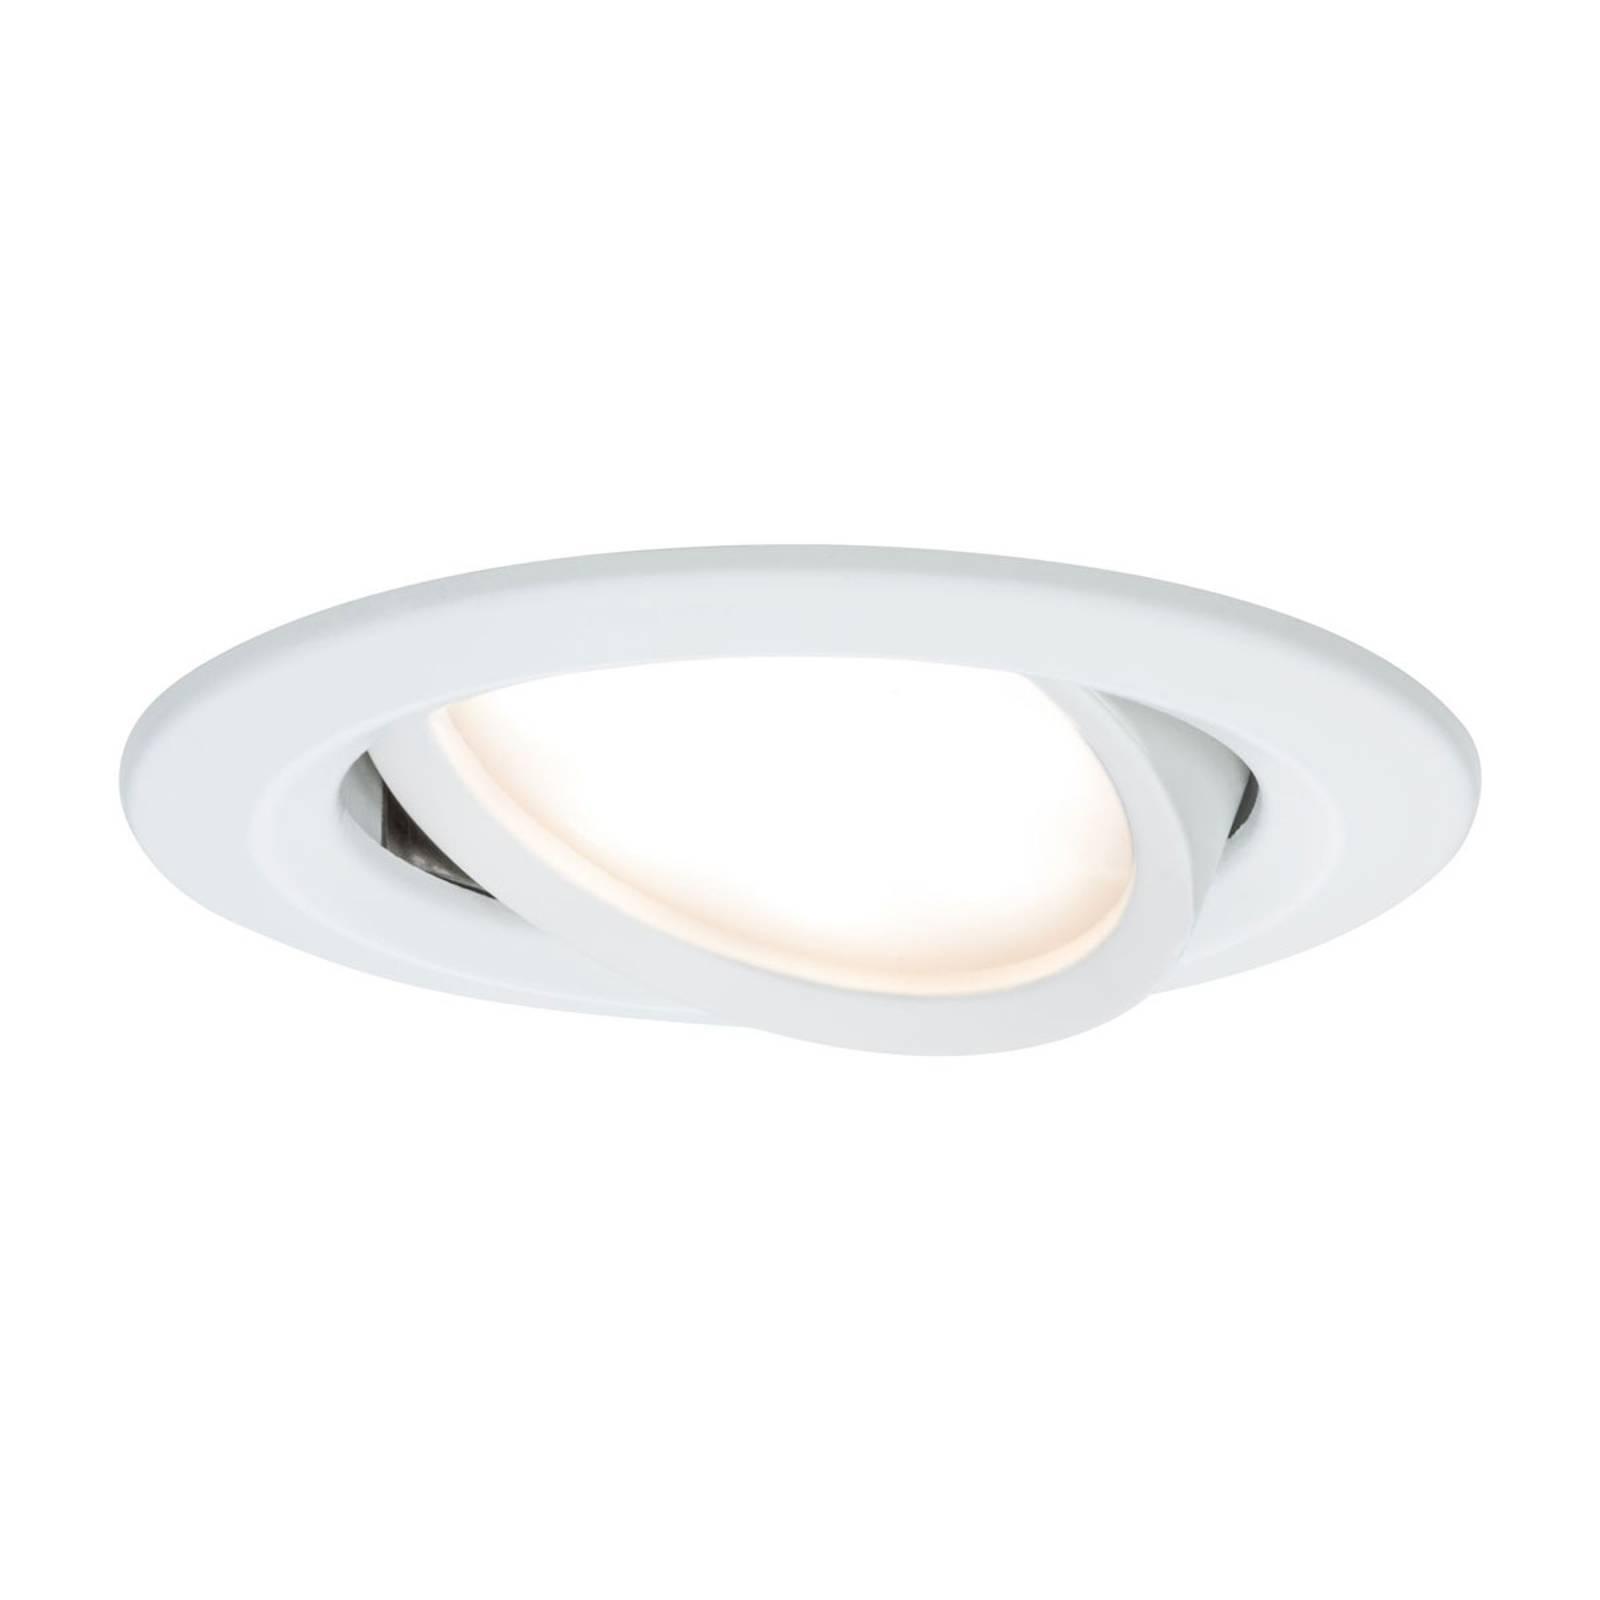 Paulmann Slim Coin set 3 faretti LED, bianchi